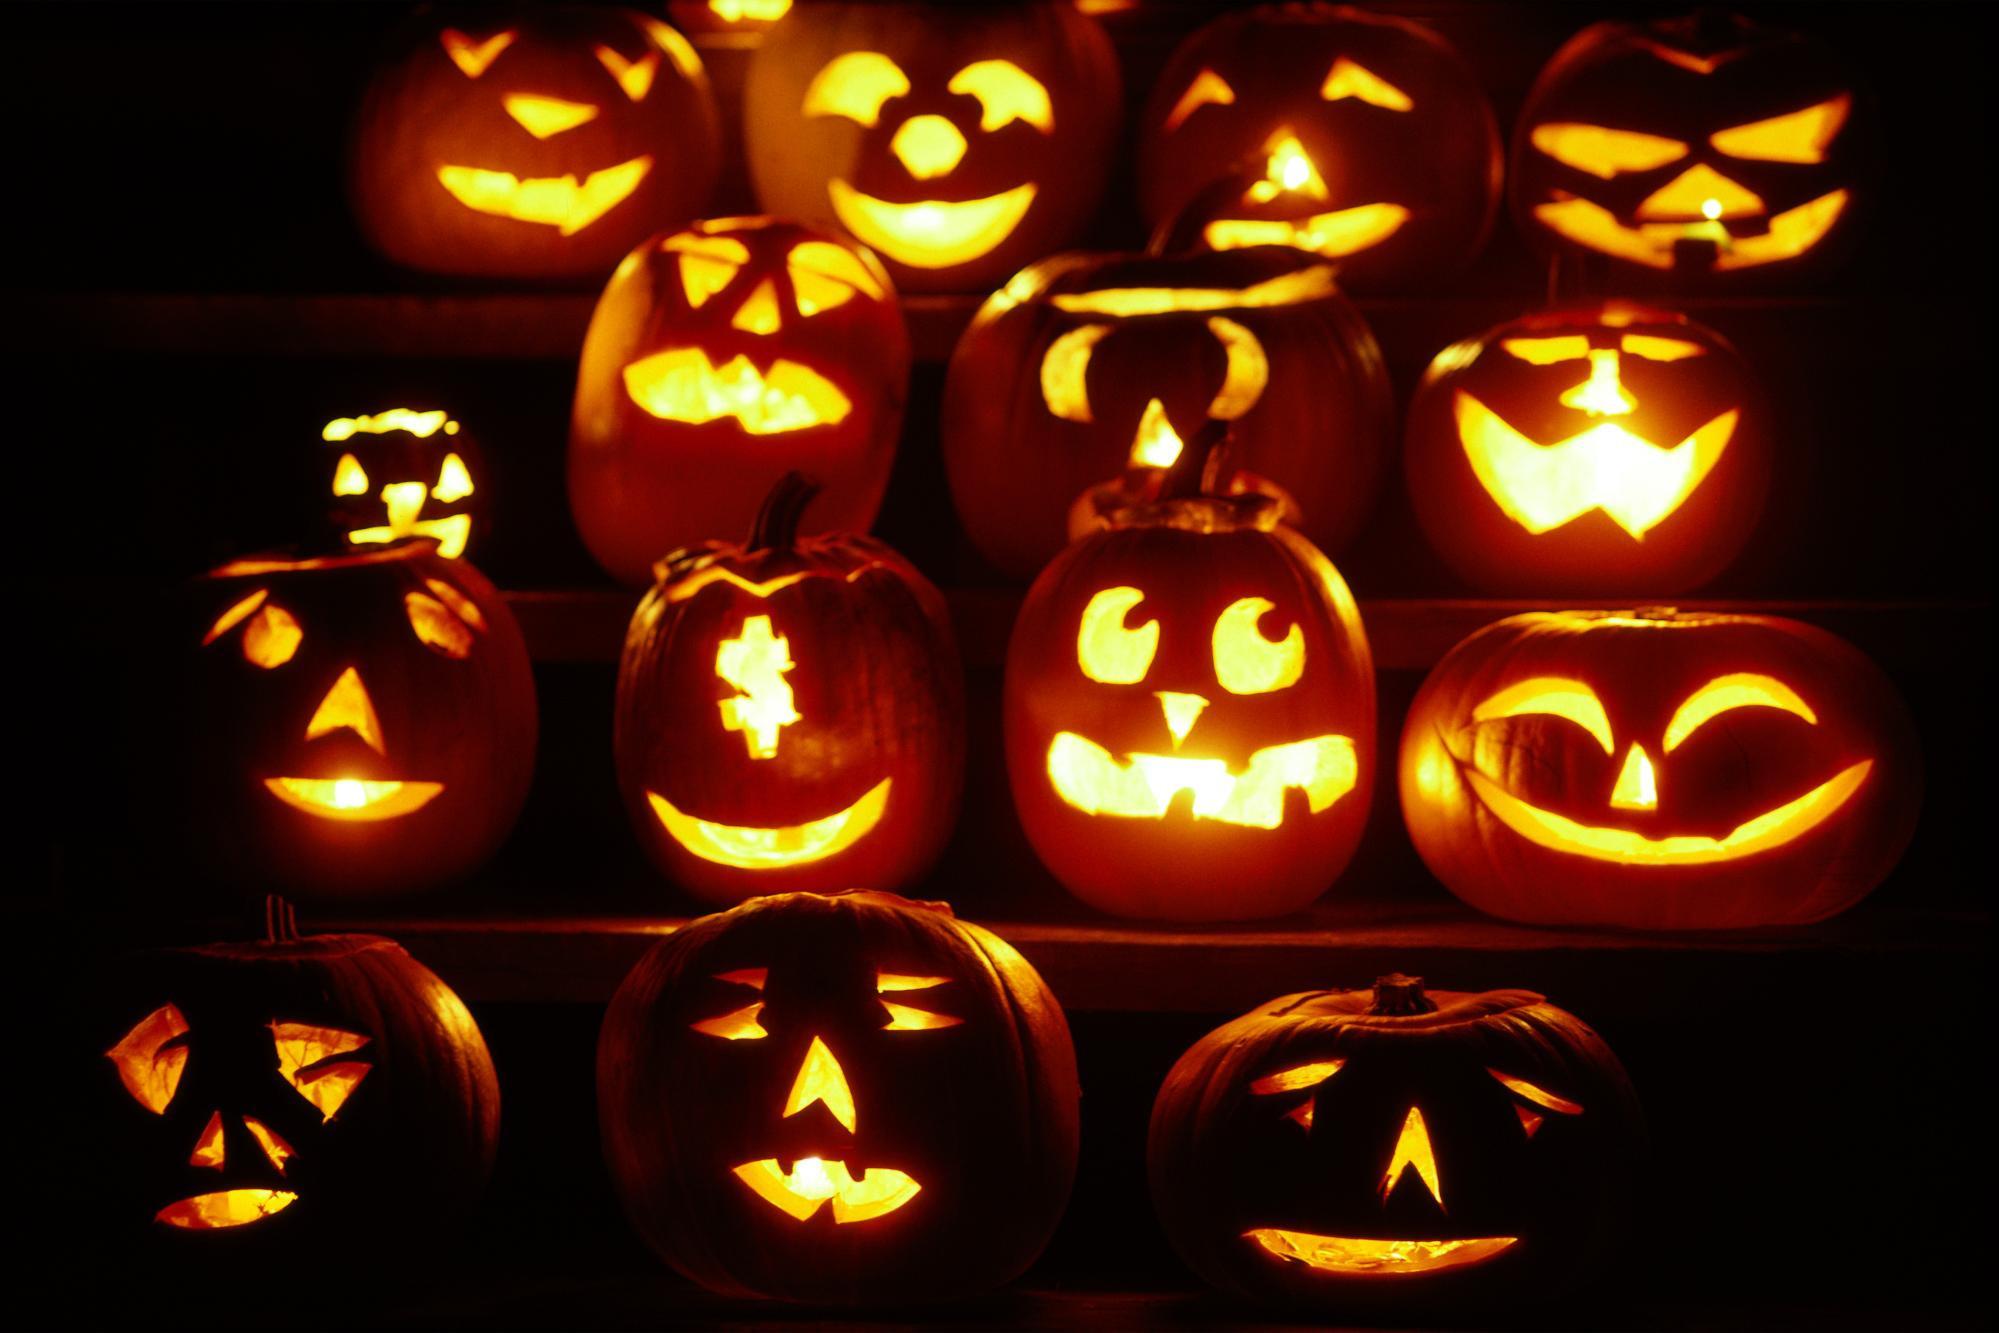 Pumpkins Halloween Wallpaper.